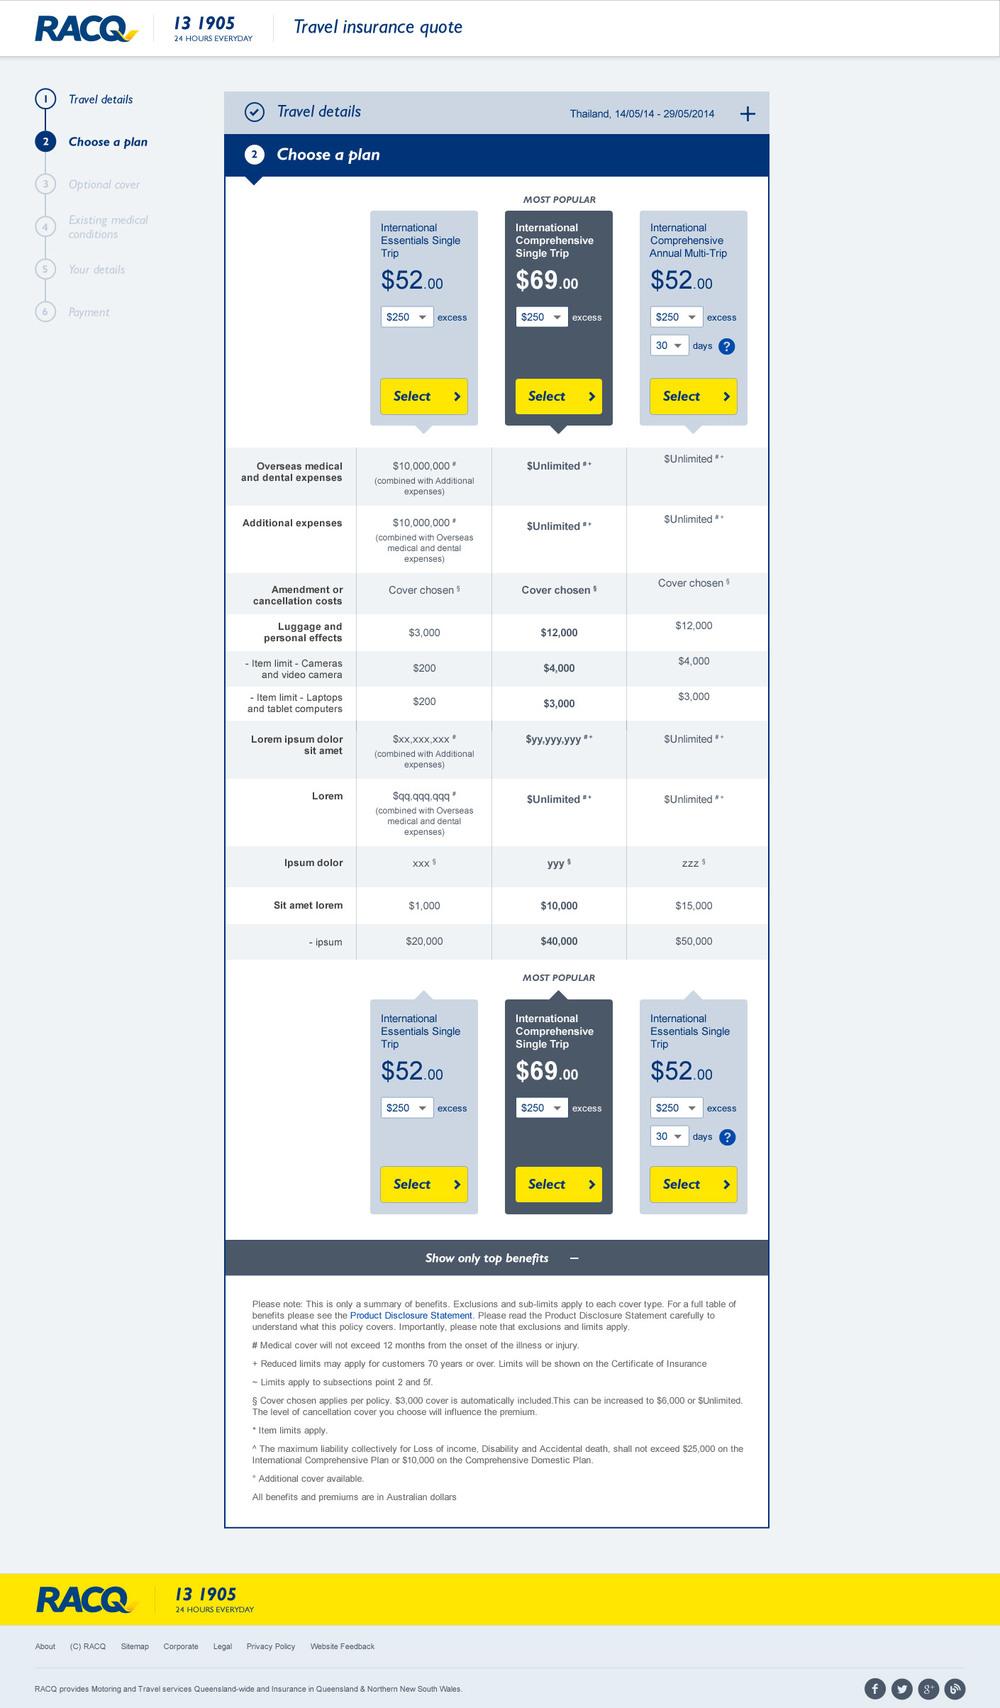 2014-03-covermore-travel-insurance-desktop-external-v06-wp_0003_2B.jpg